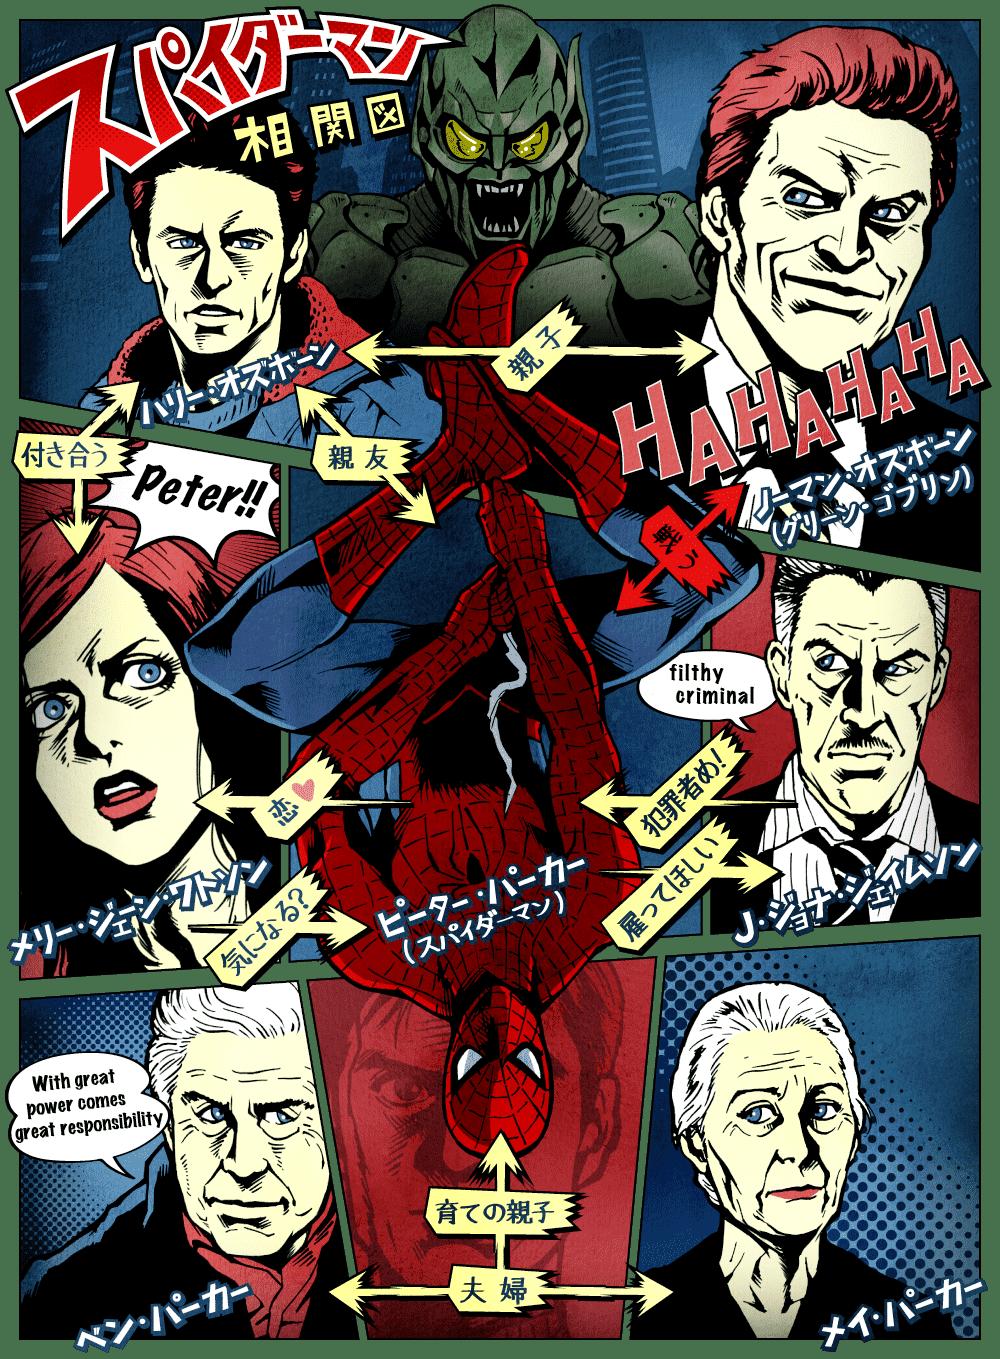 スパイダーマン(2002年・実写映画)の人物相関図